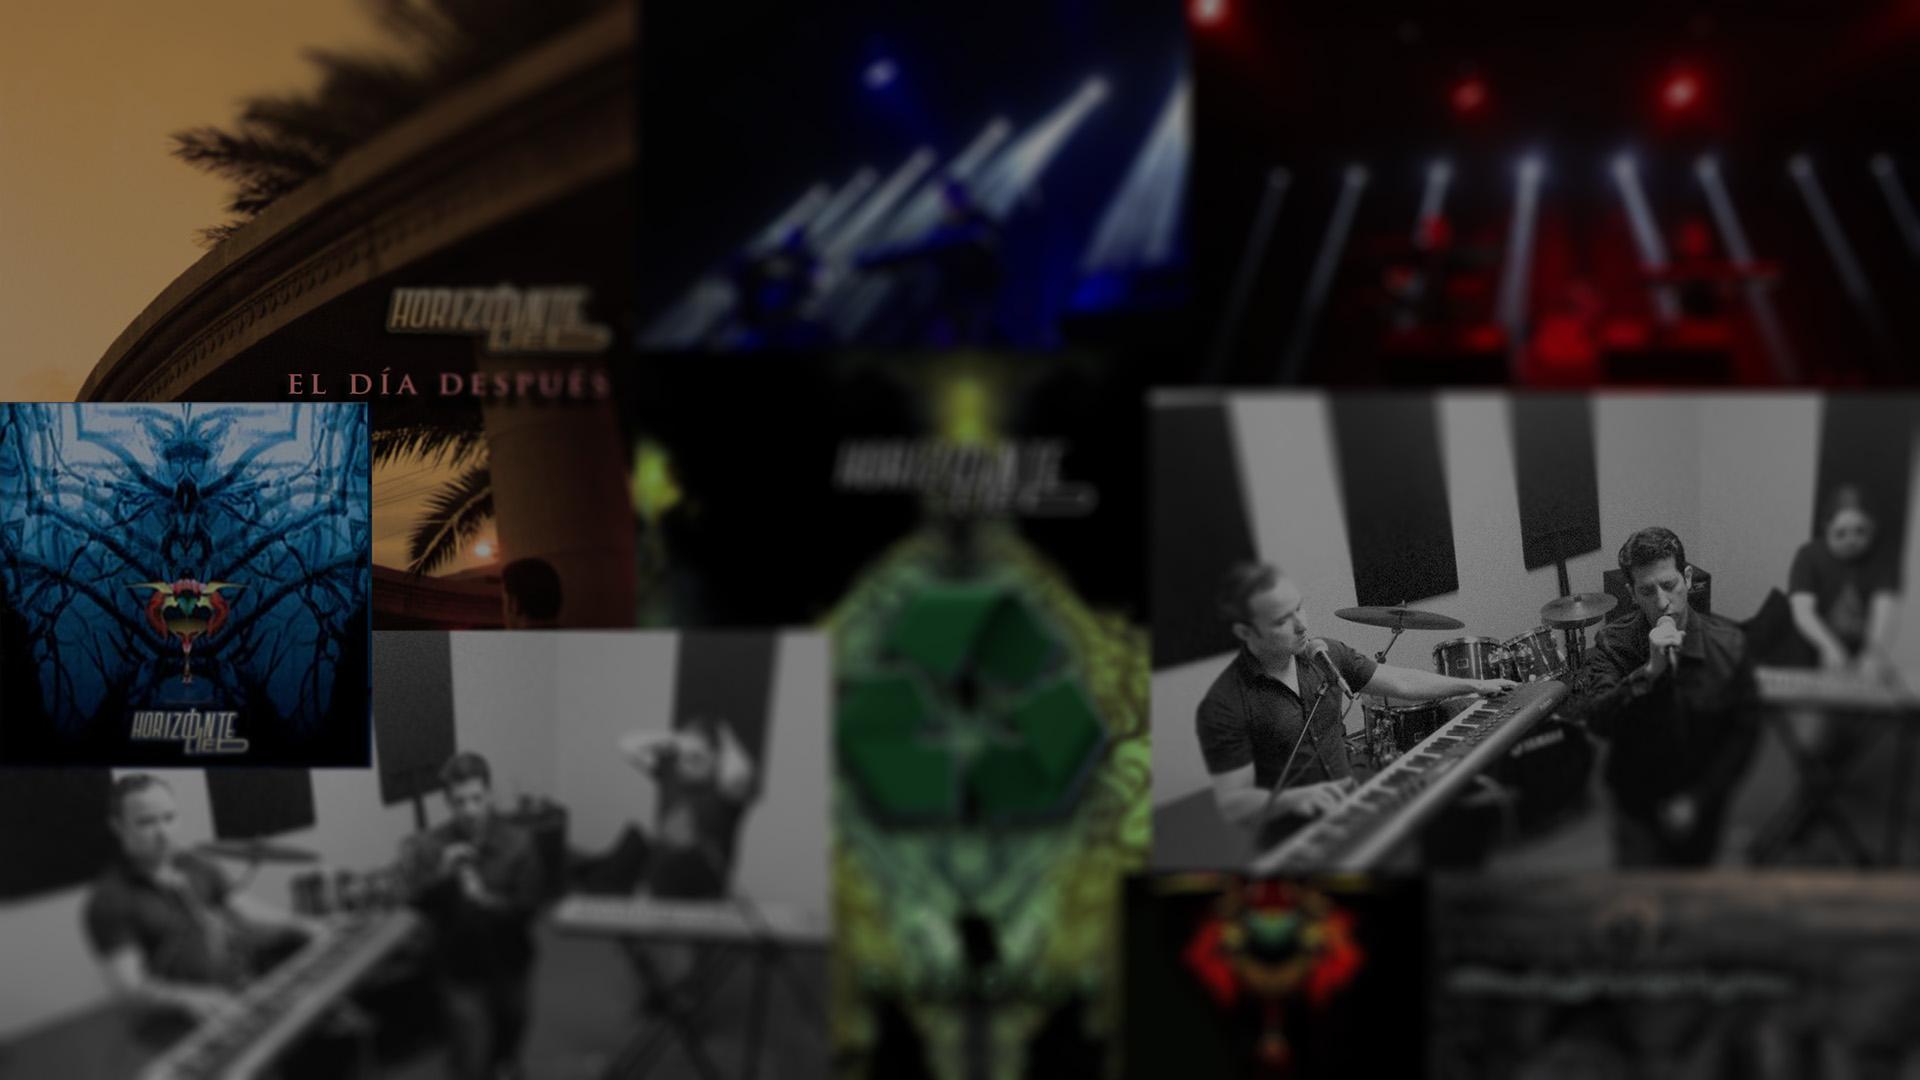 Visita nuestra página oficial en Soundcloud